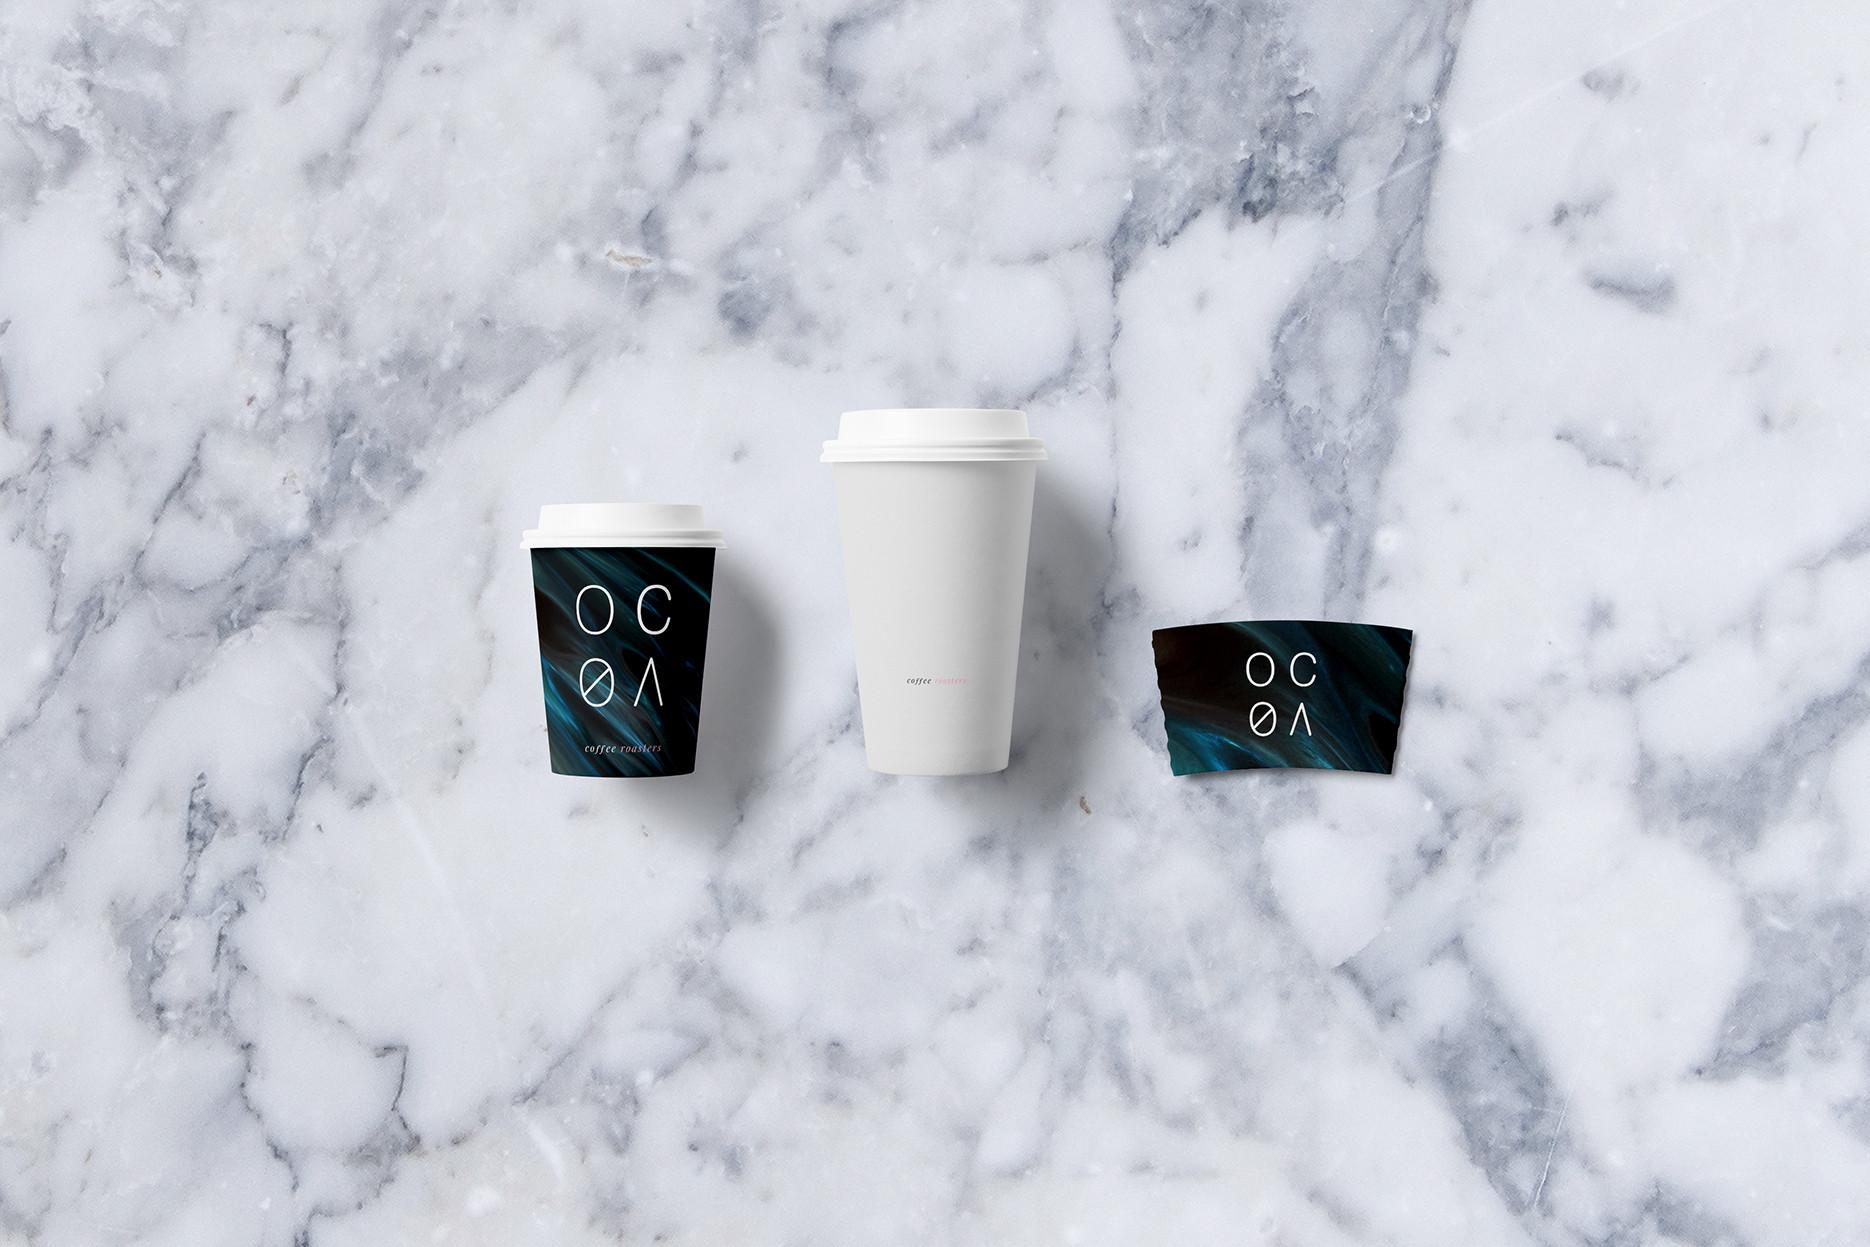 ocoa cup.jpg